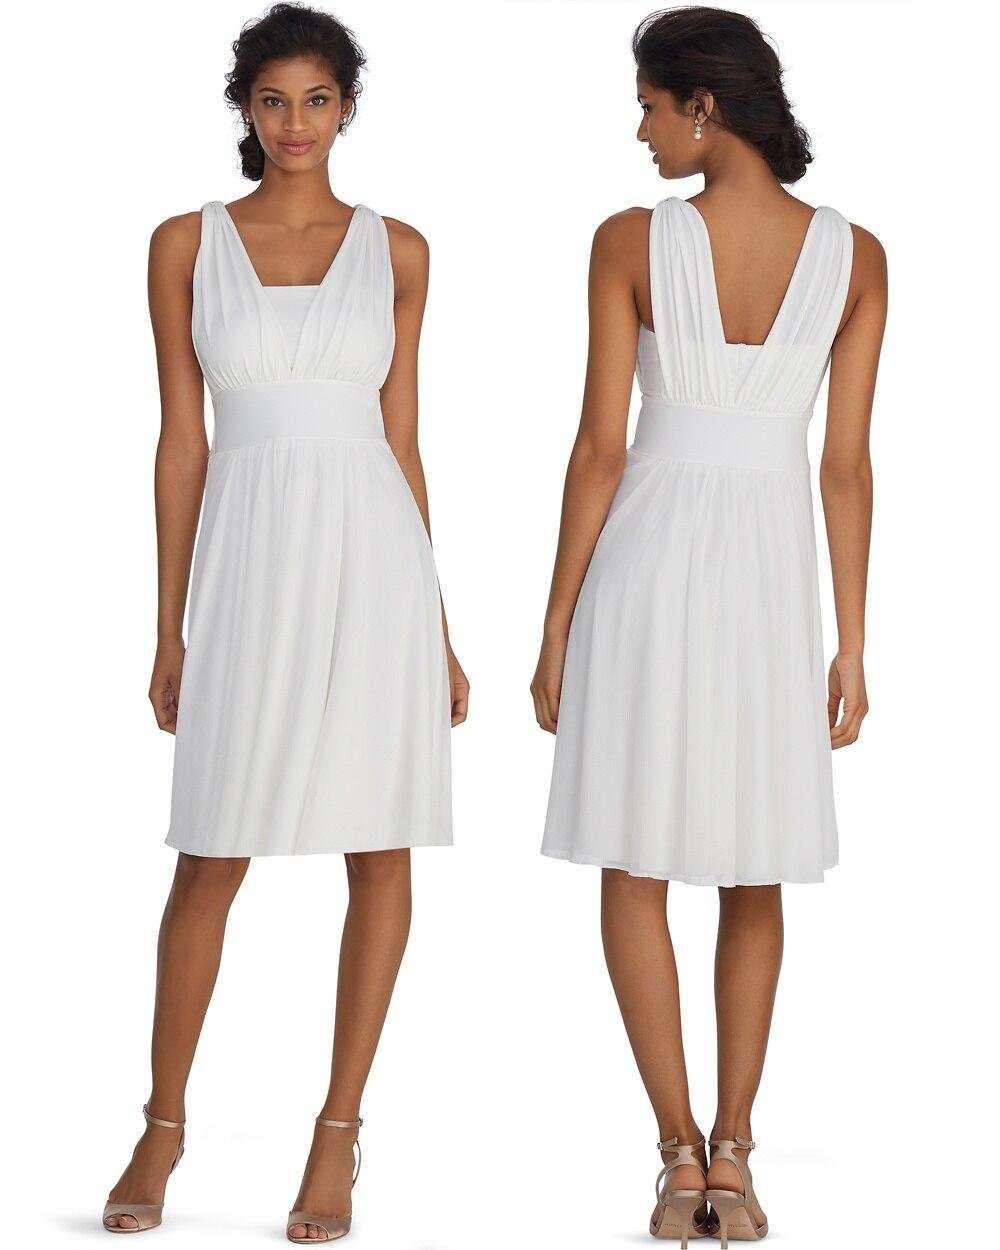 Genius Convertible White Dress Whbm